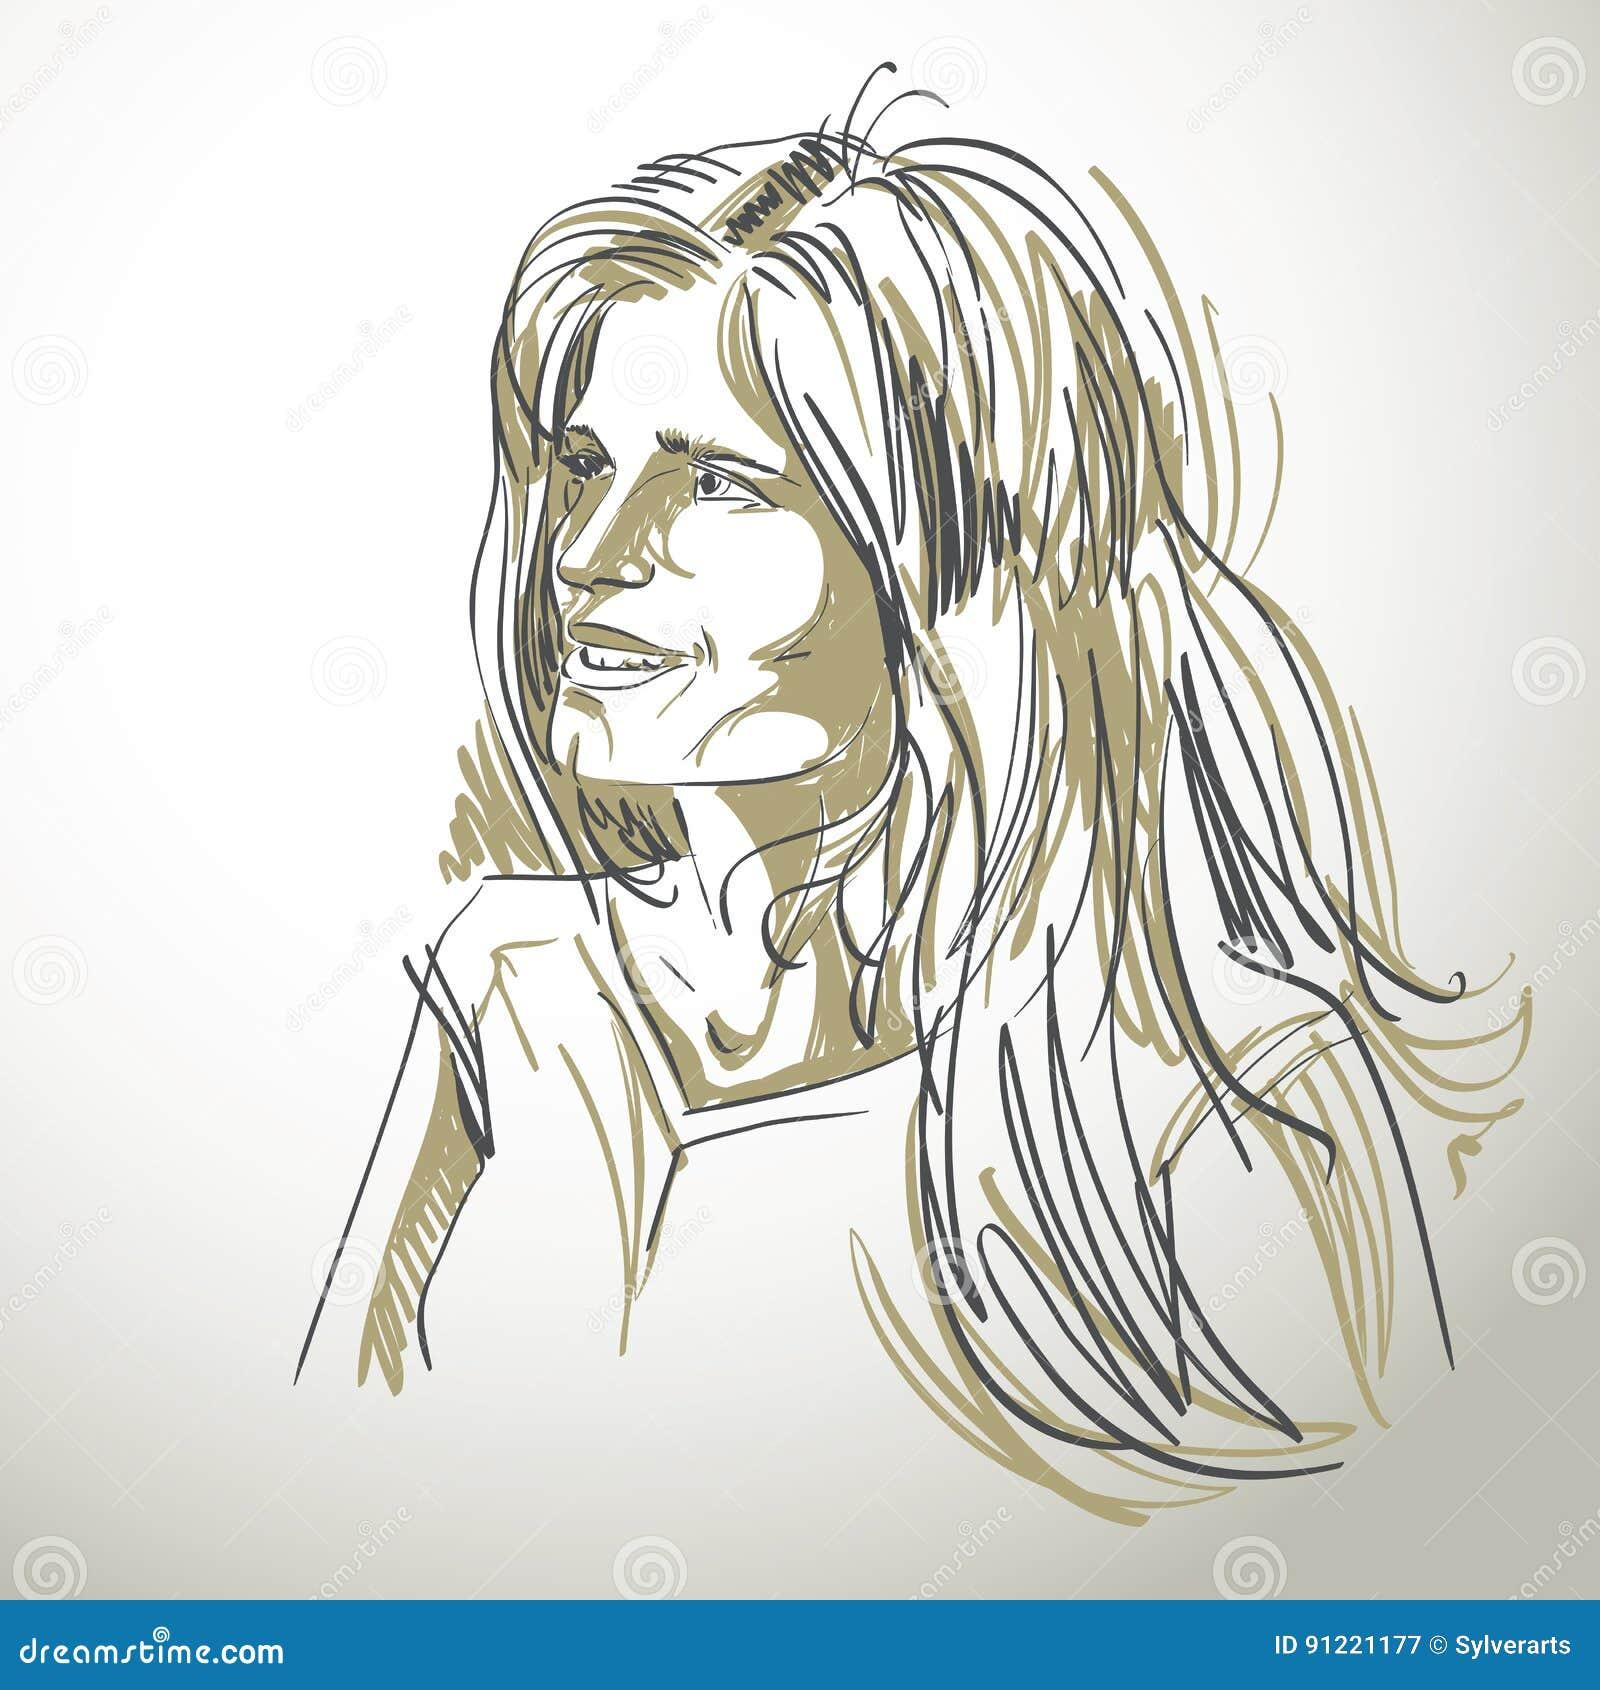 Иллюстрация графического вектора нарисованная вручную белой кожи привлекательная